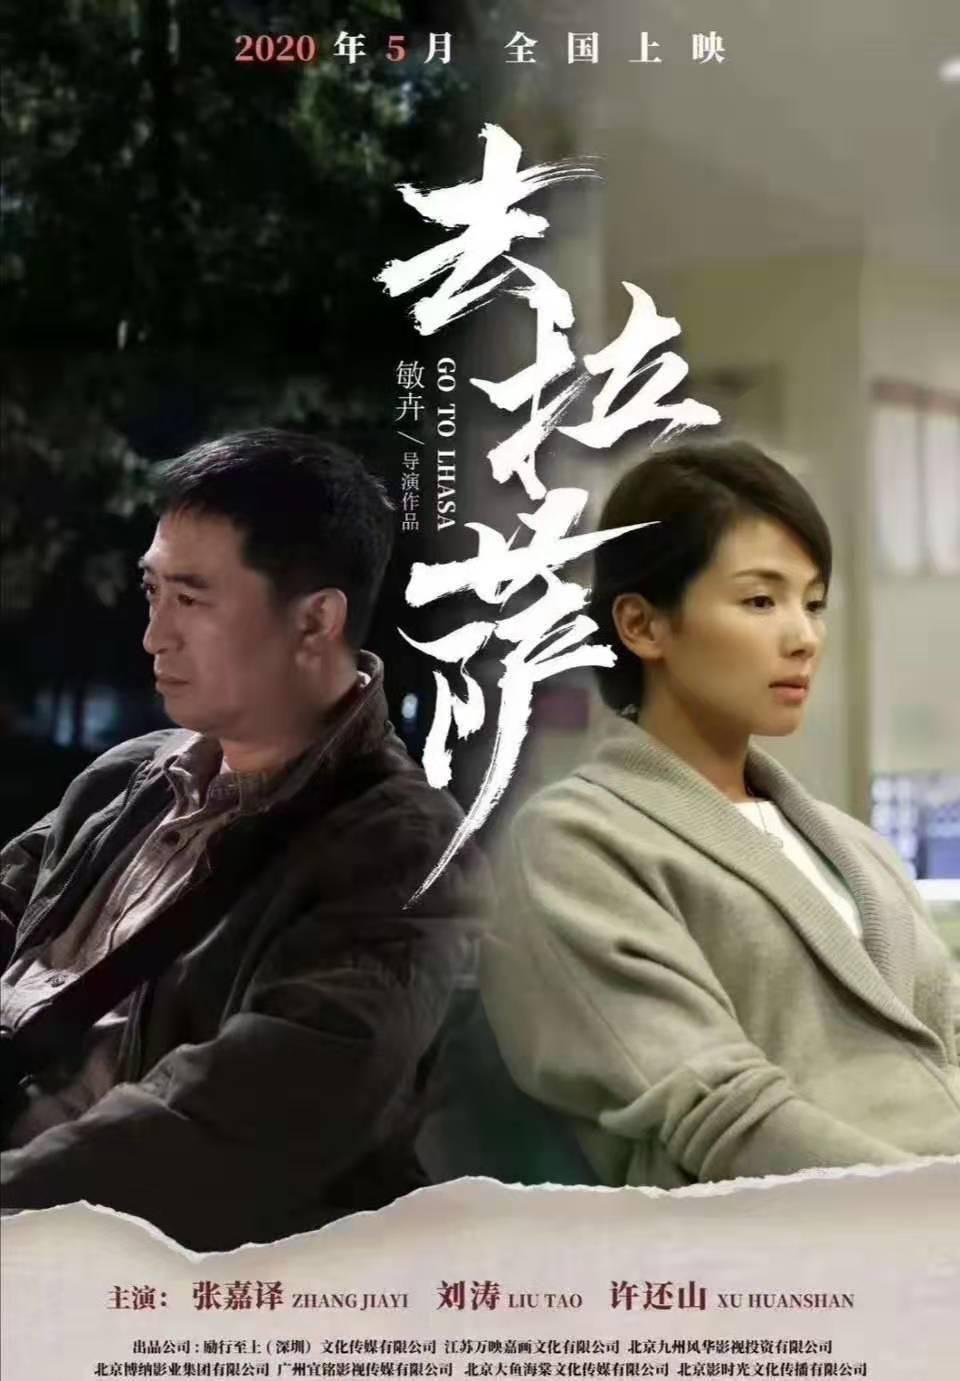 2021刘涛张嘉益生活剧情《空中之城/去拉萨》HD1080p.国语中字